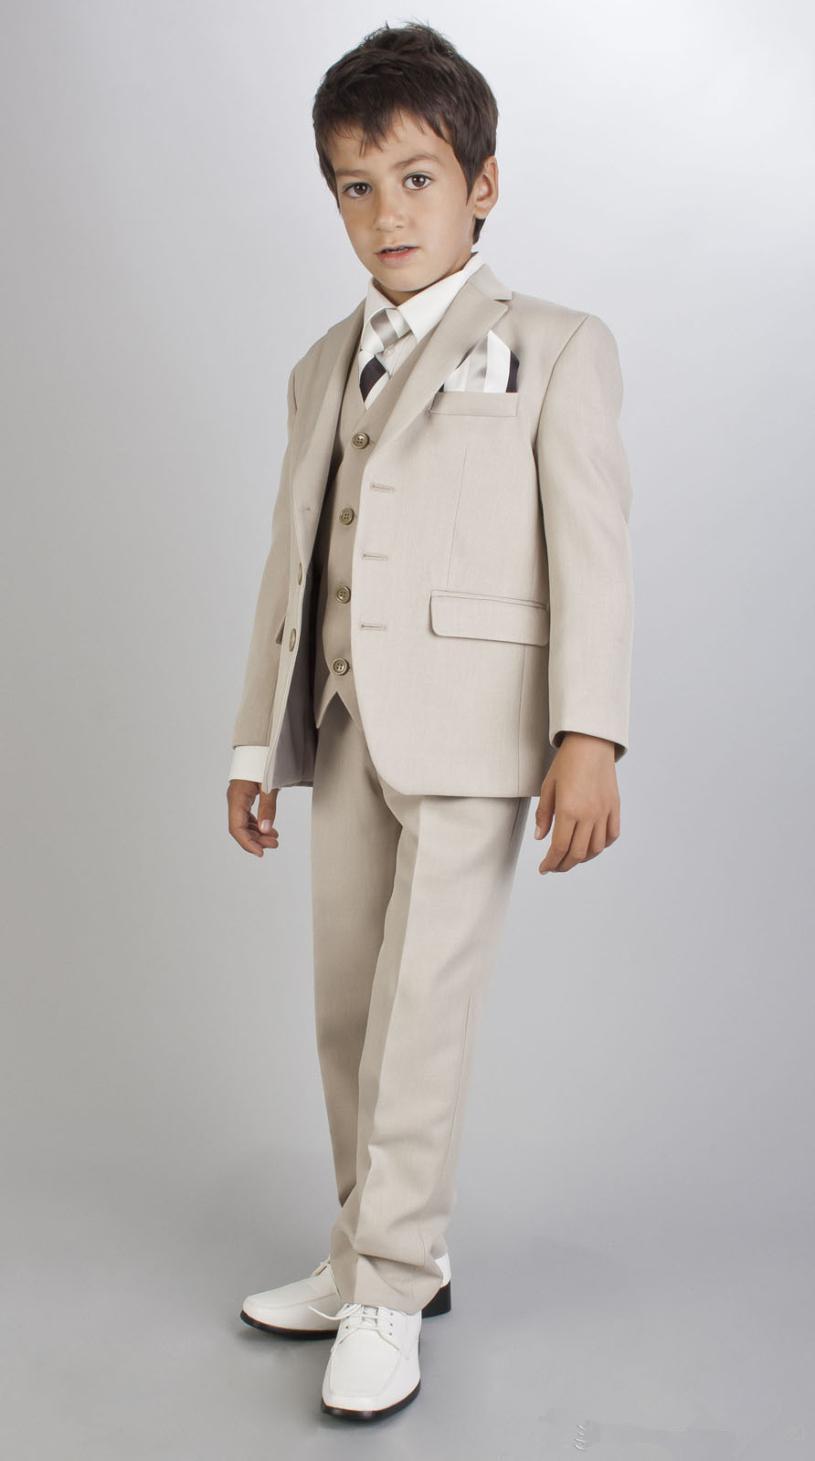 белый костюм тройка для мальчиков